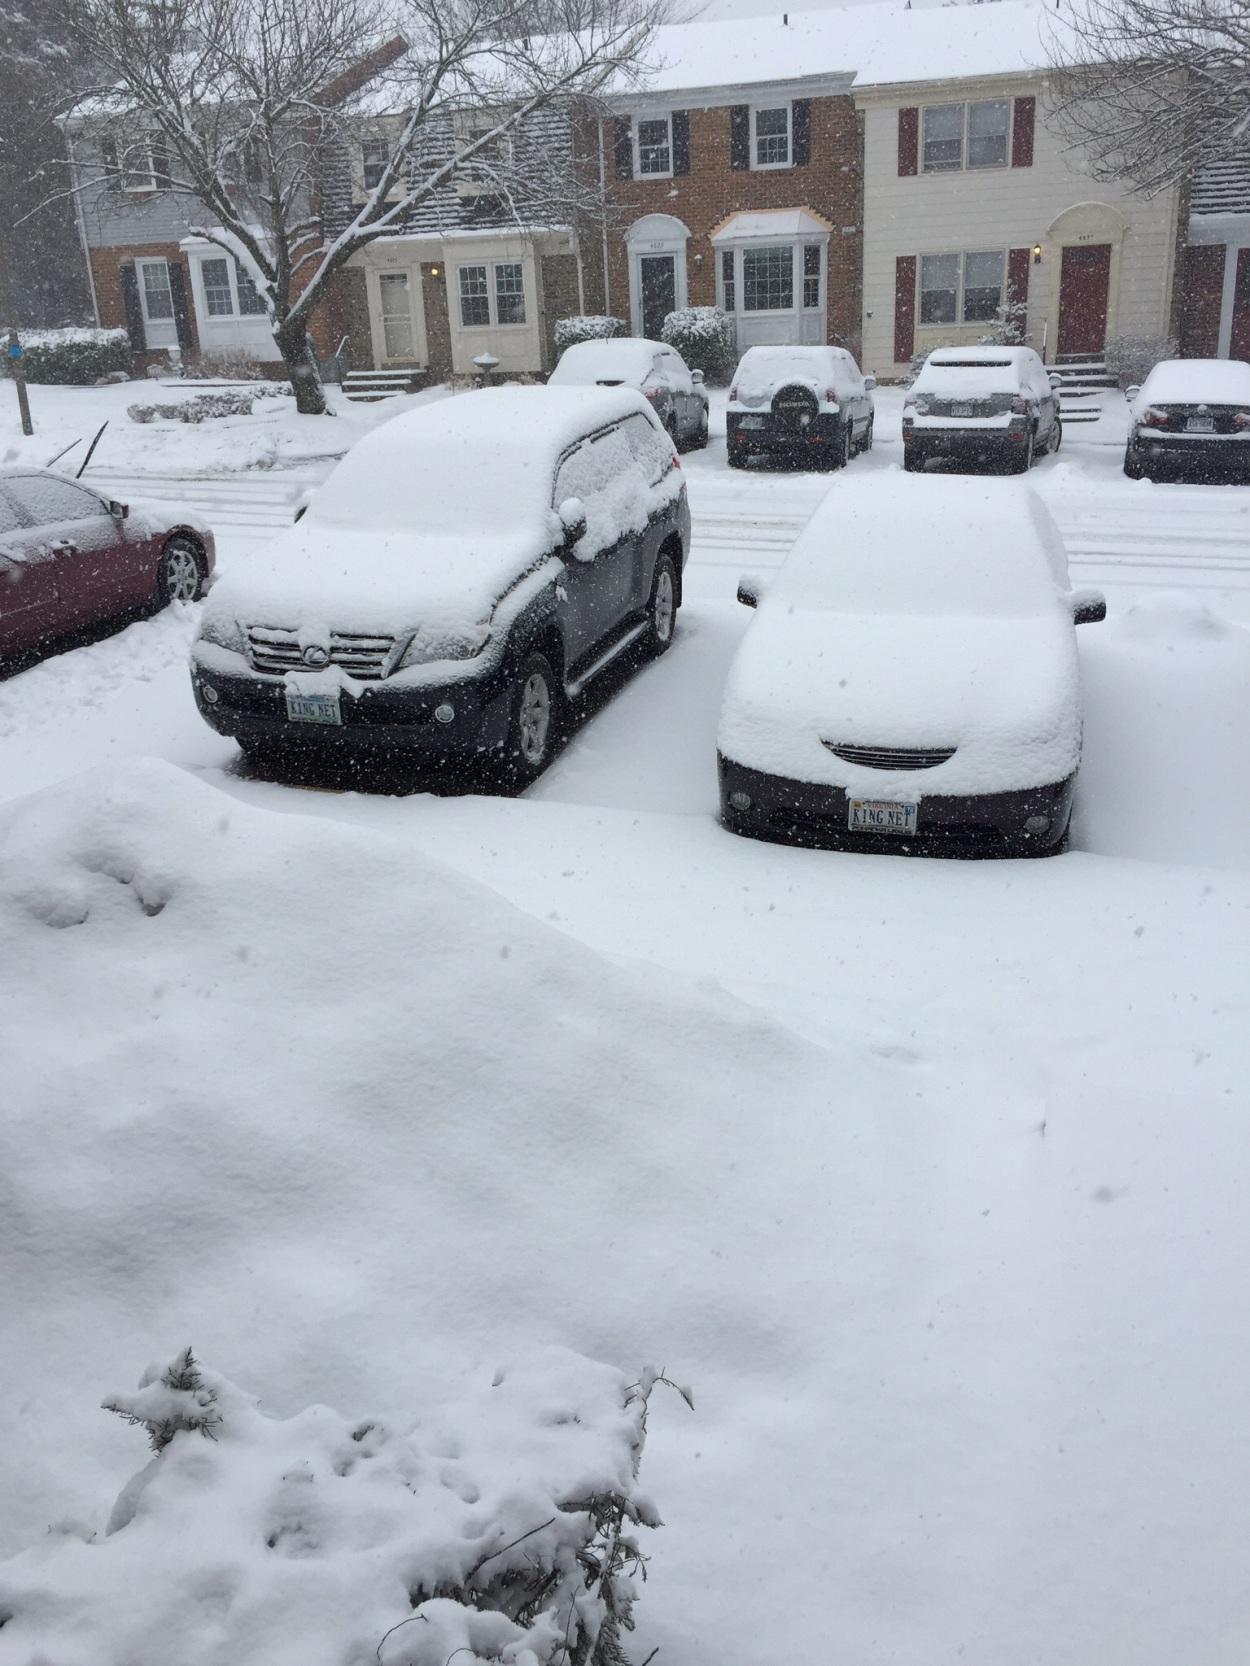 QUE.COM Snow in March